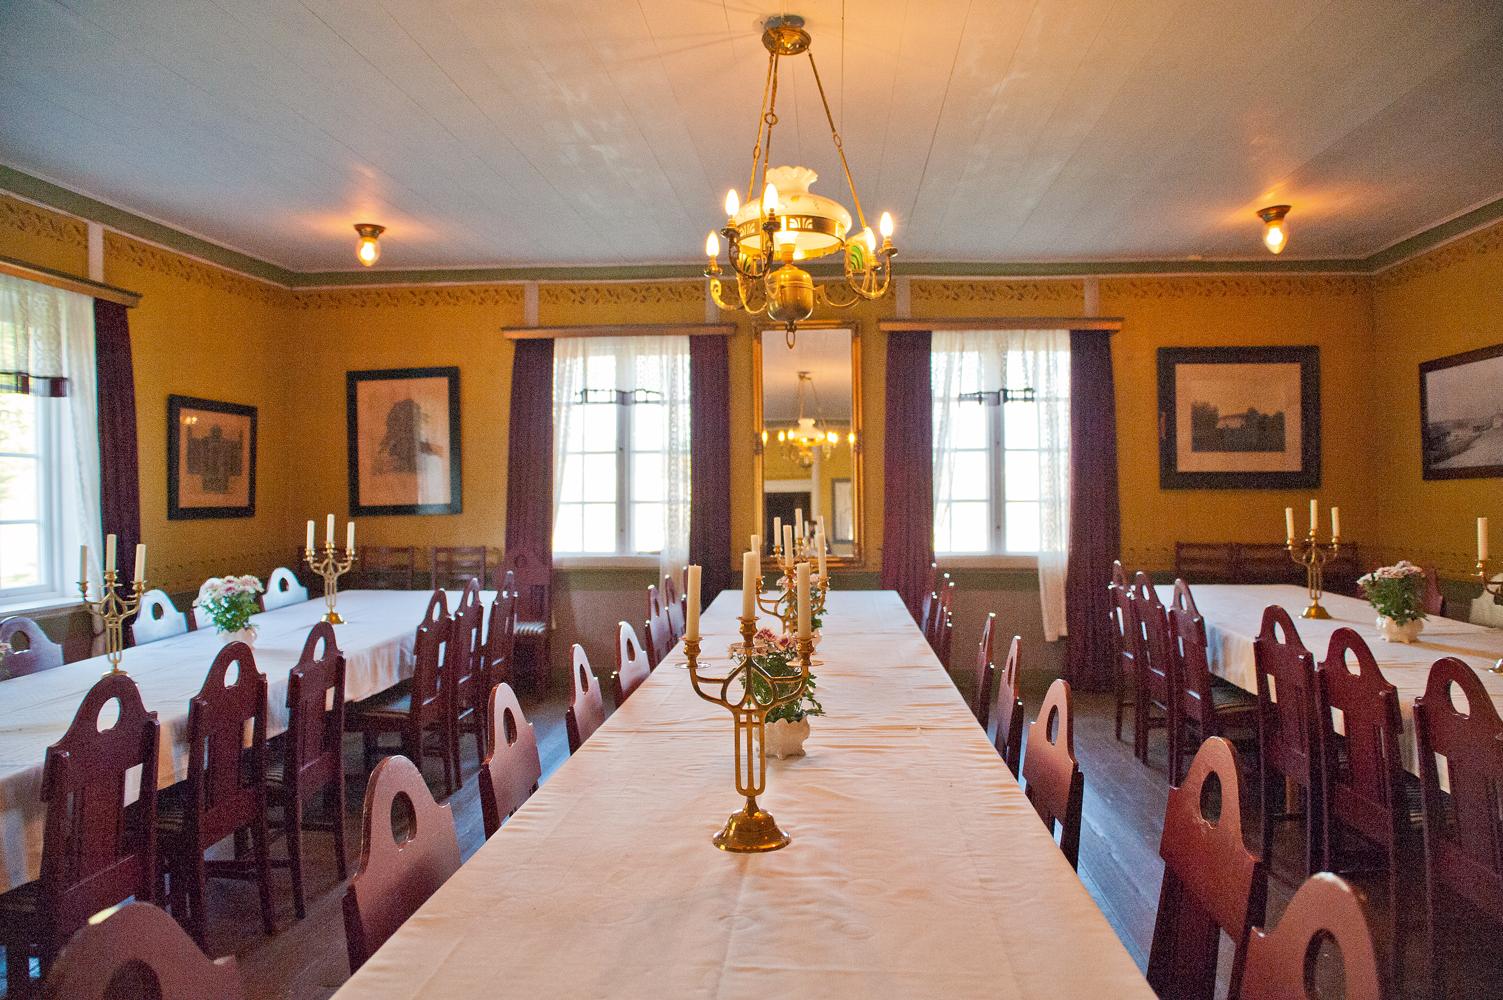 Festsalene i andre etasje i hovedbygningen kan ha 80 gjester til bords. I taket henger en nydelig jugendlampe.